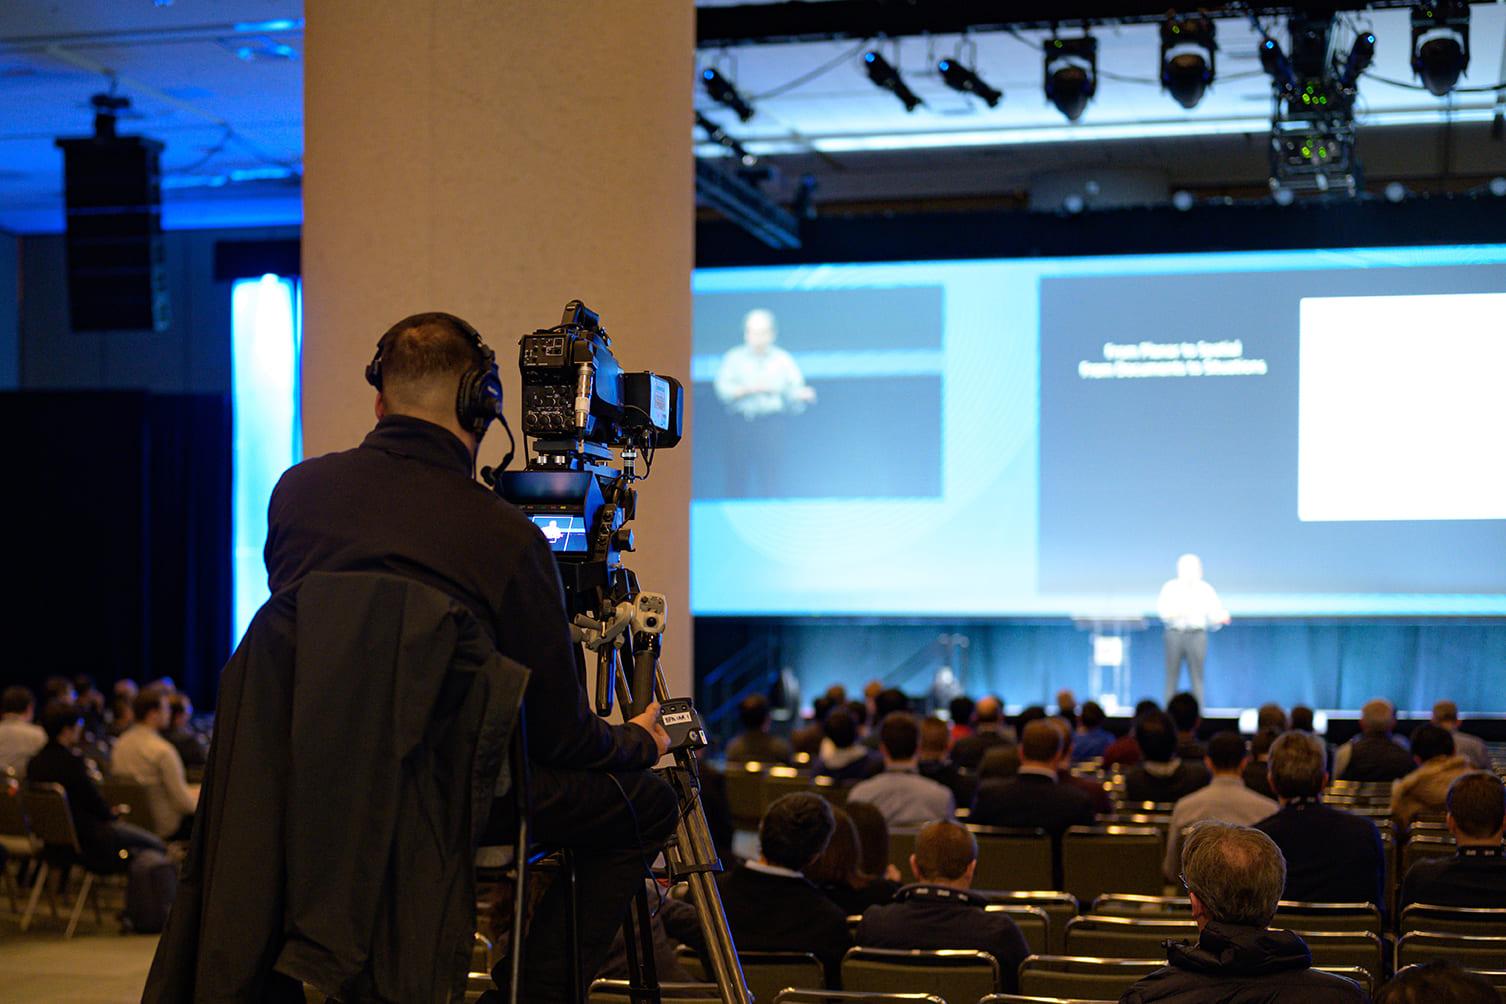 動画でイベントを盛り上げよう!イベントで映える映像制作のコツ5つ